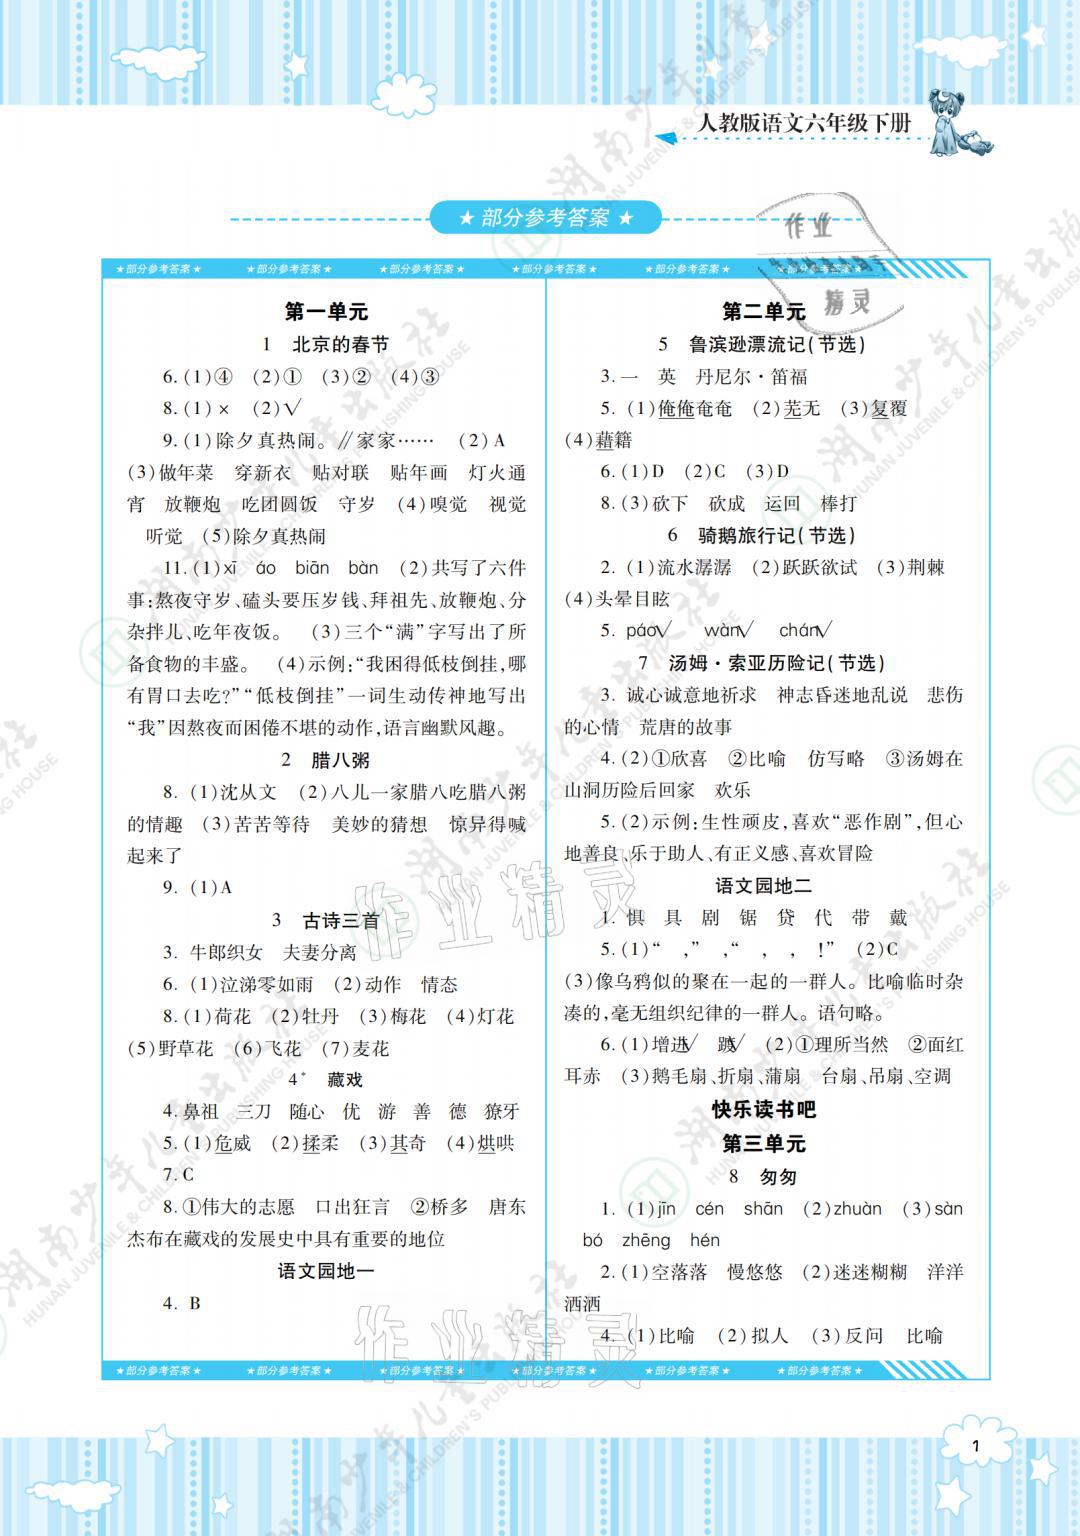 2021年同步实践评价课程基础训练六年级语文下册人教版参考答案第1页